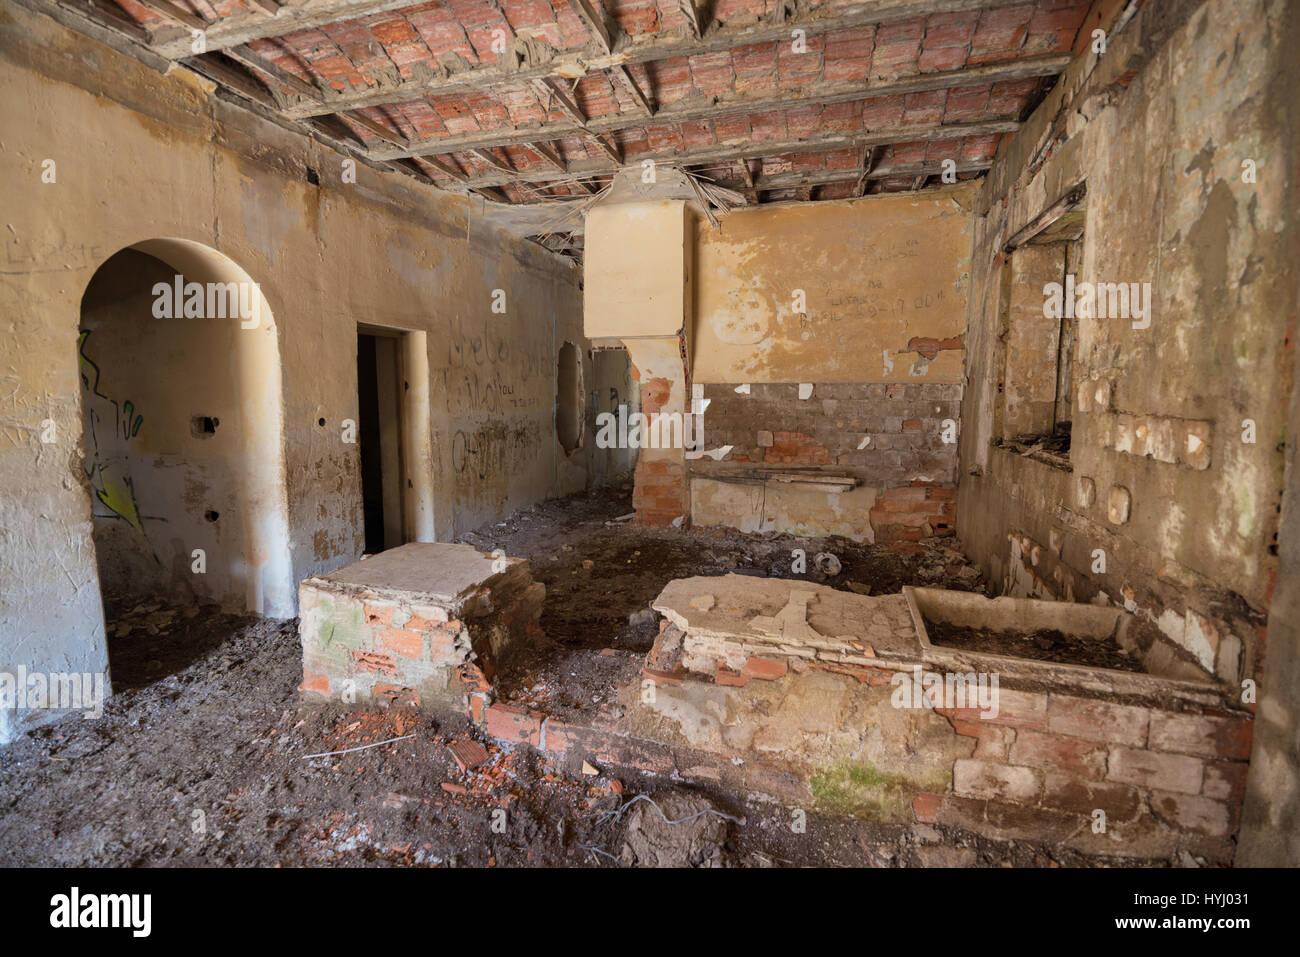 Intérieur de maison en ruine Banque D'Images